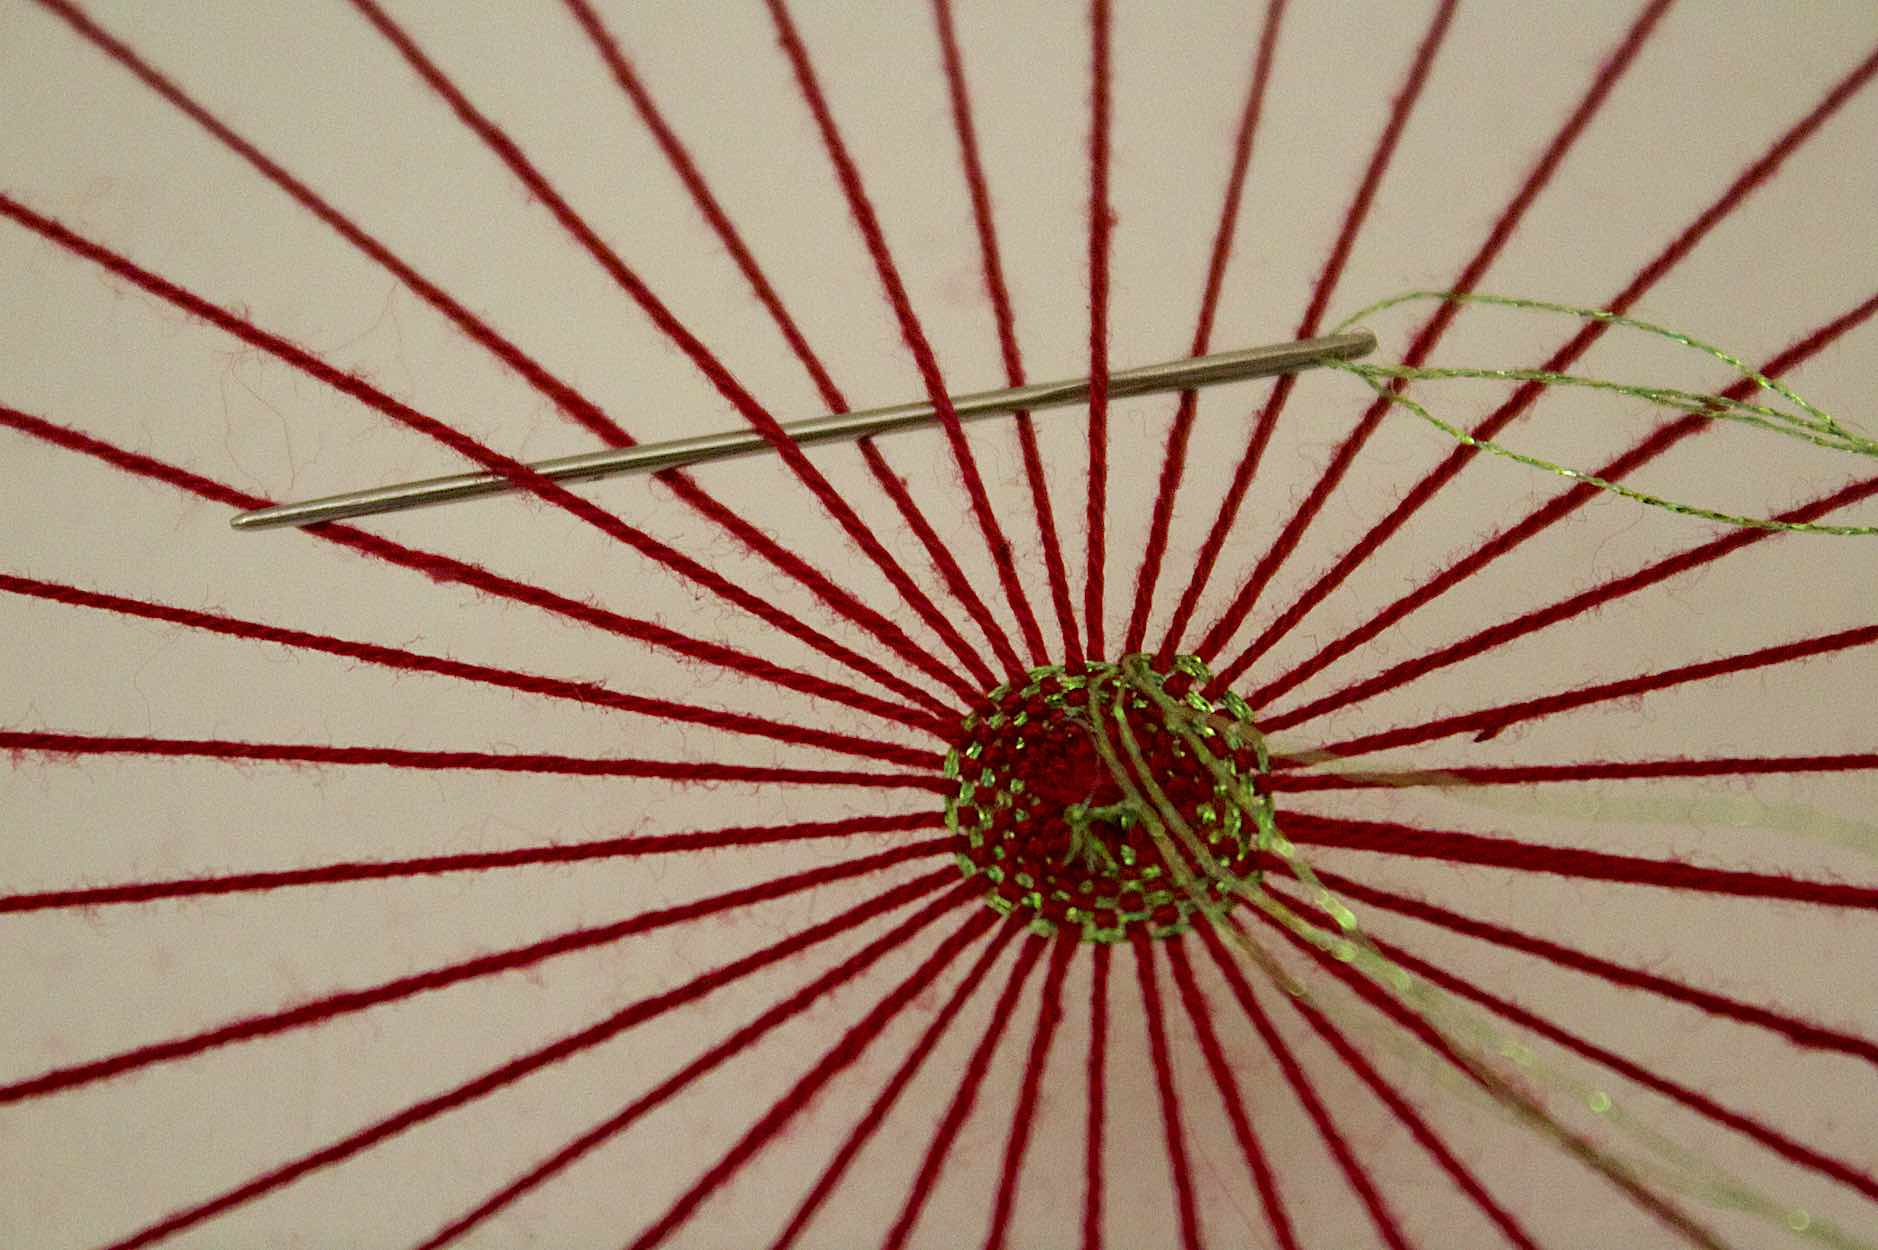 proseguire alternando la posizione dell'ago con la tessitura circolare